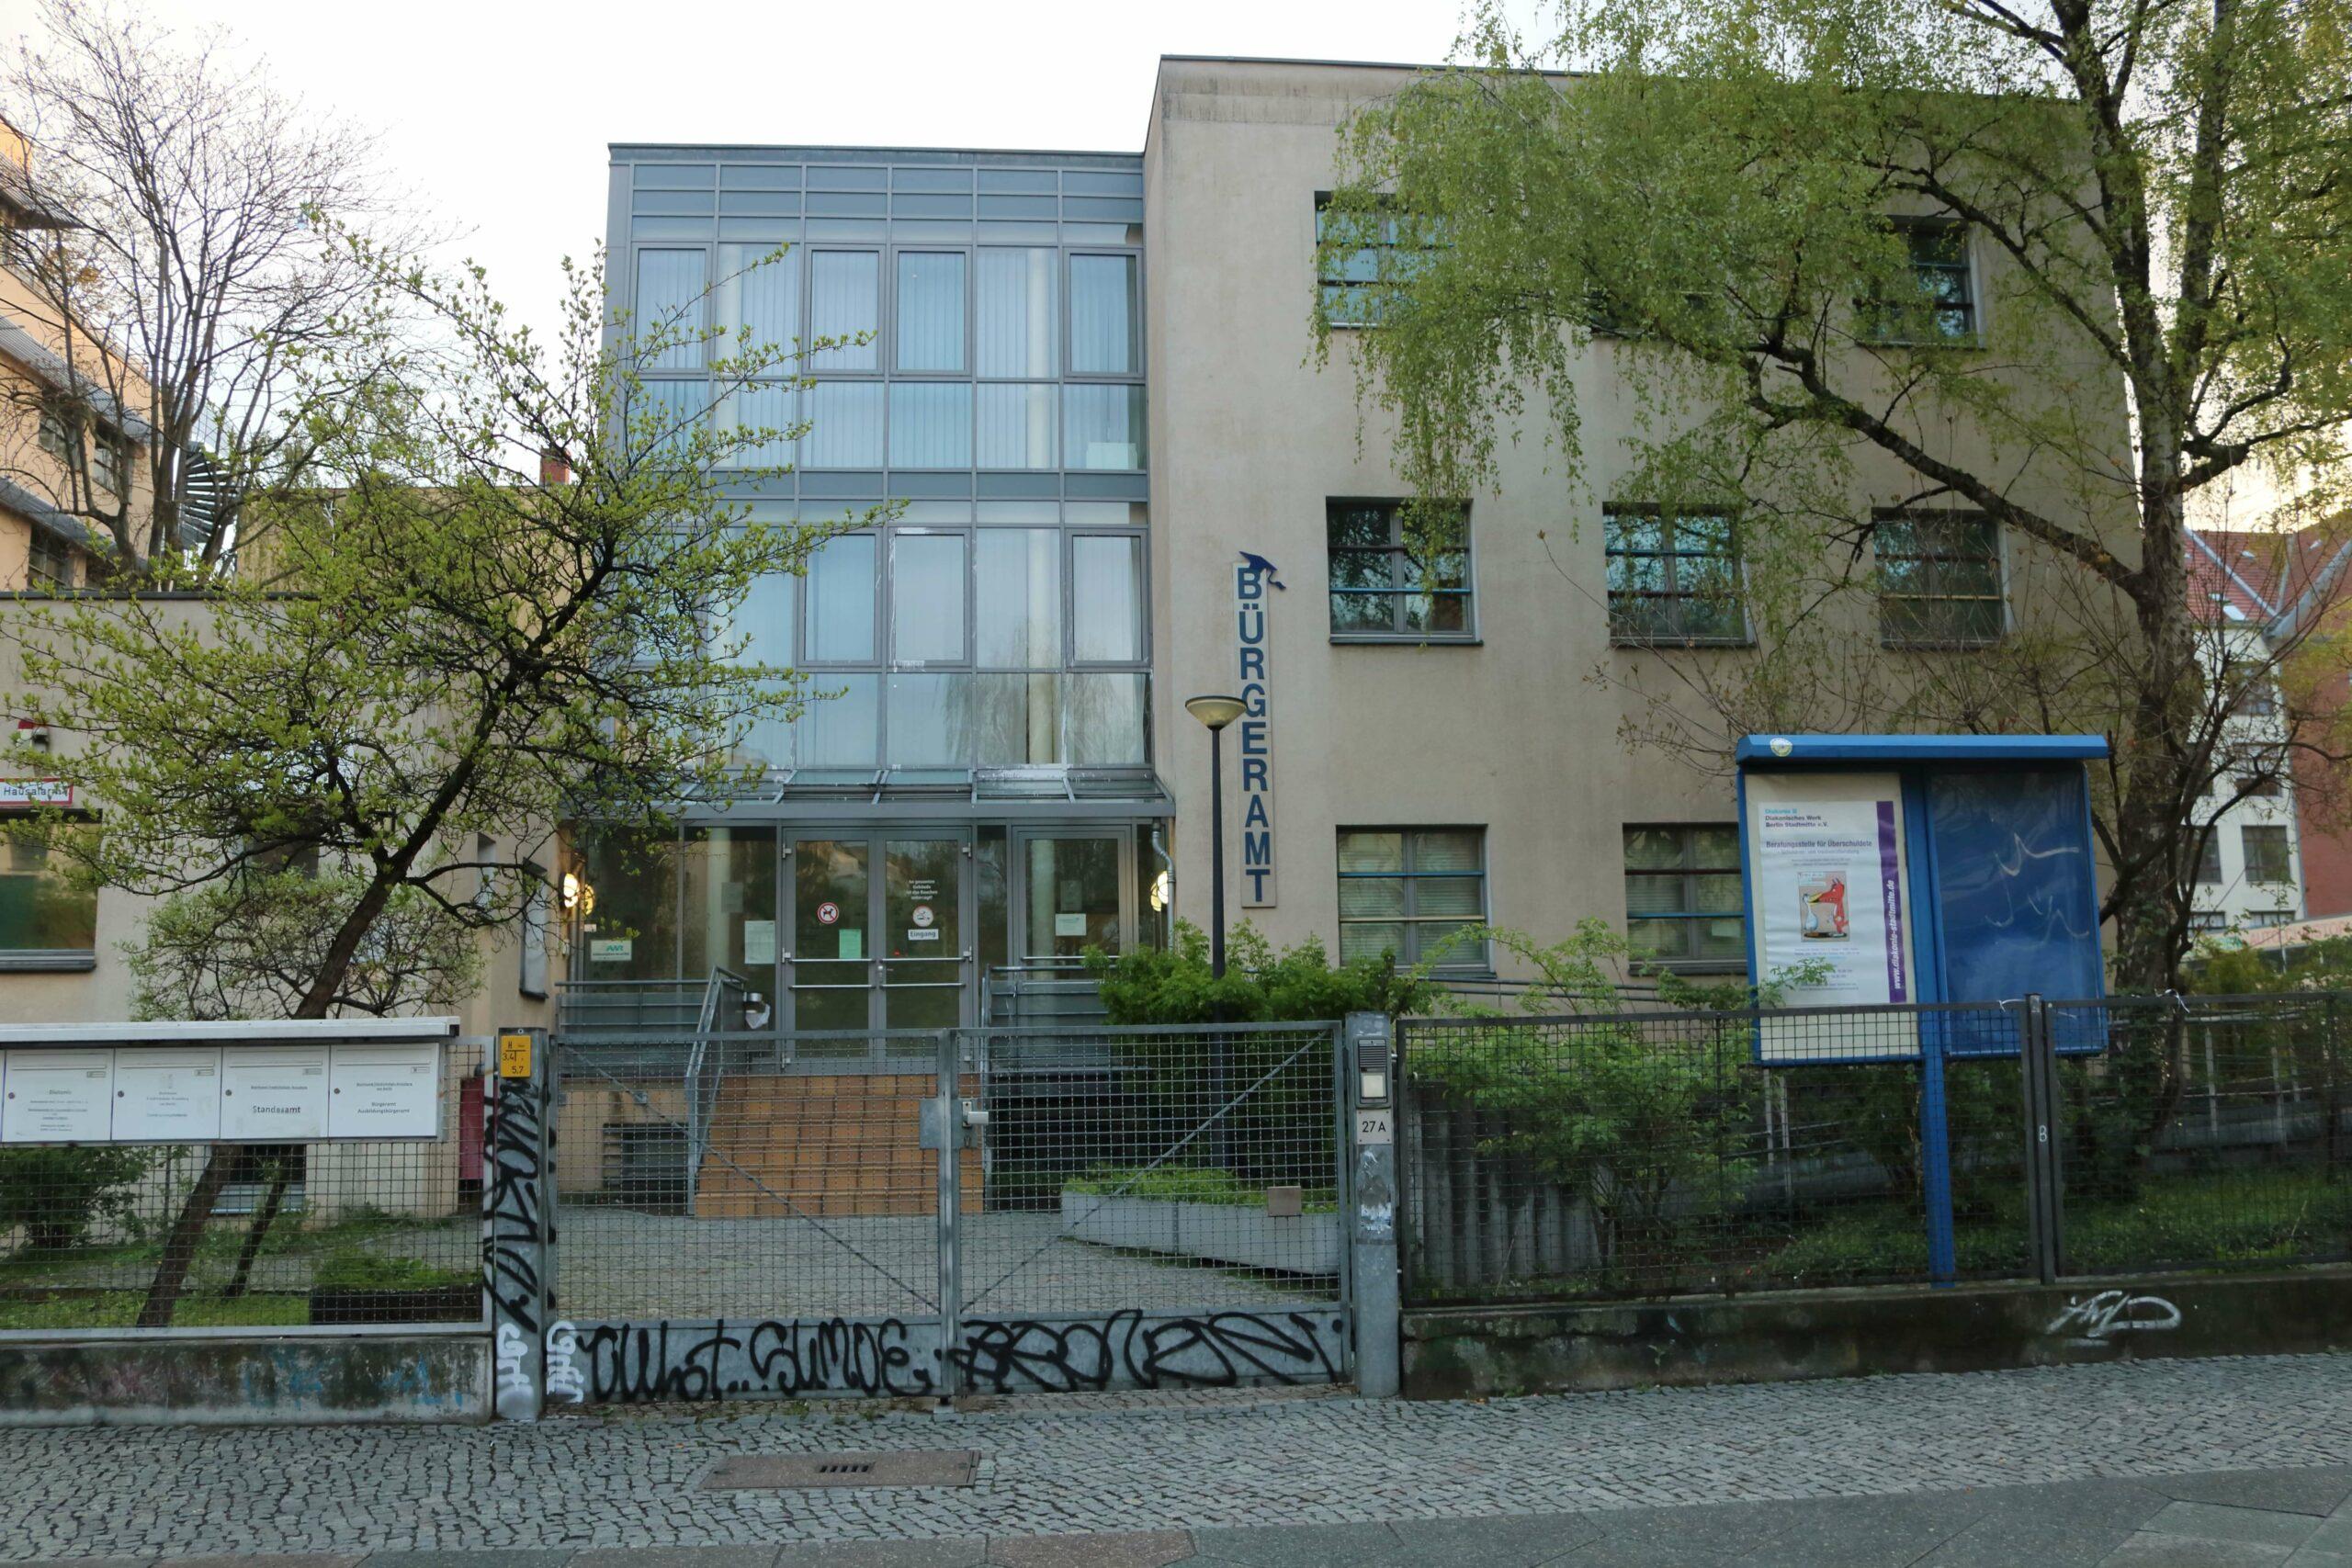 Bürgeramt 2.0 - Ausbildungsbürgeramt - Schlesische Straße